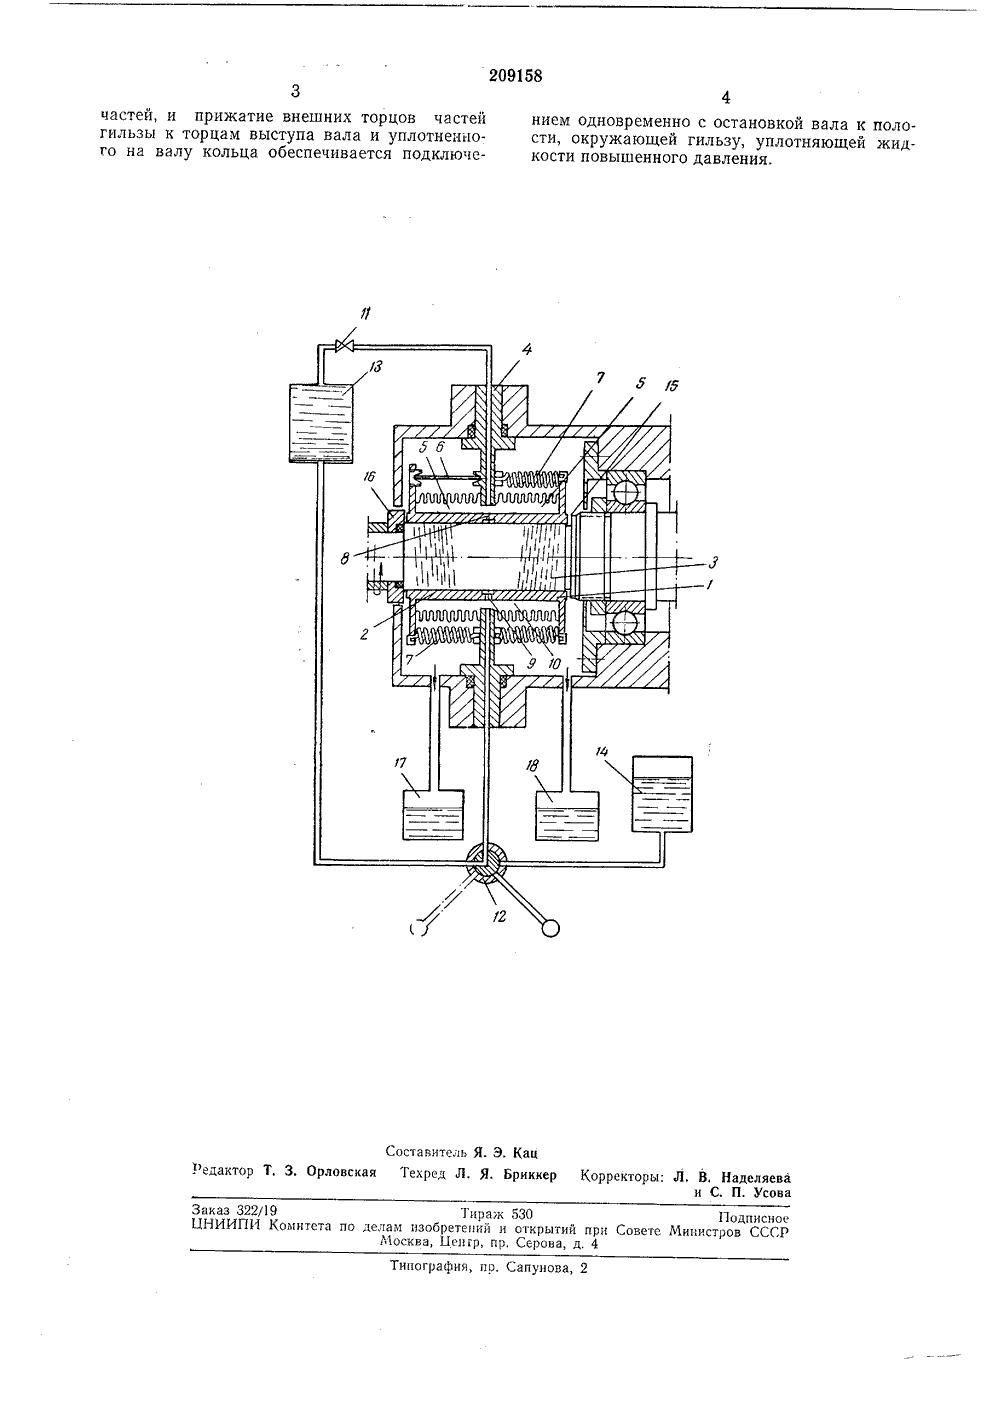 Уплотнения теплообменника КС 19 Серов расчет сырьевого теплообменника